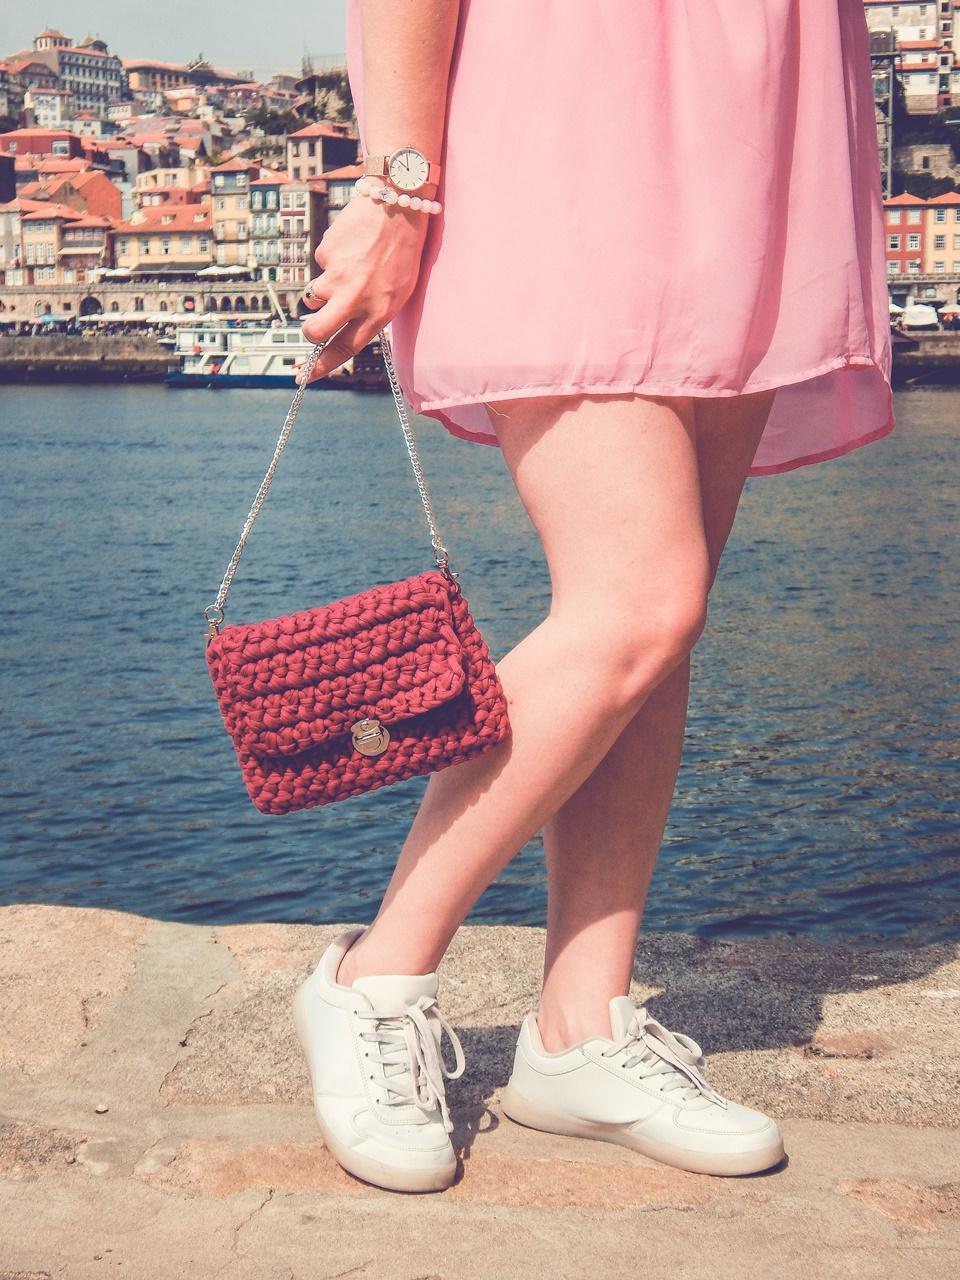 5 czy warto kupować w zaful gamiss sammydress dresslily porady recenzje opinie moje ubrania różowa sukienka z koronką białe sneakersy rene pleciona torebka ręcznie robiona handmade